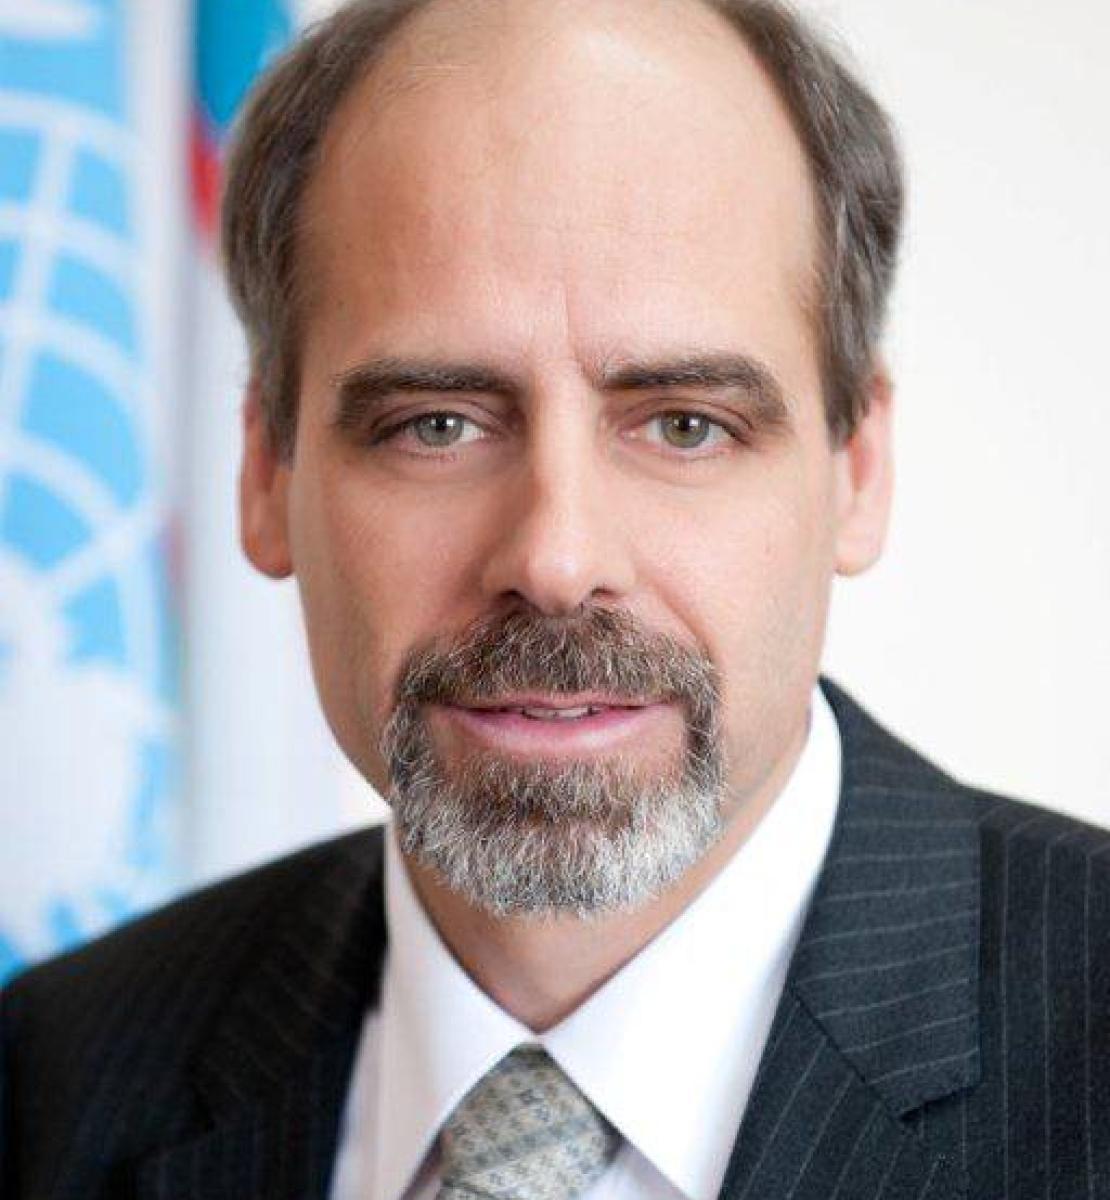 رجل ينظر مباشرة إلى الكاميرا مع علم الأمم المتحدة في الخلفية.